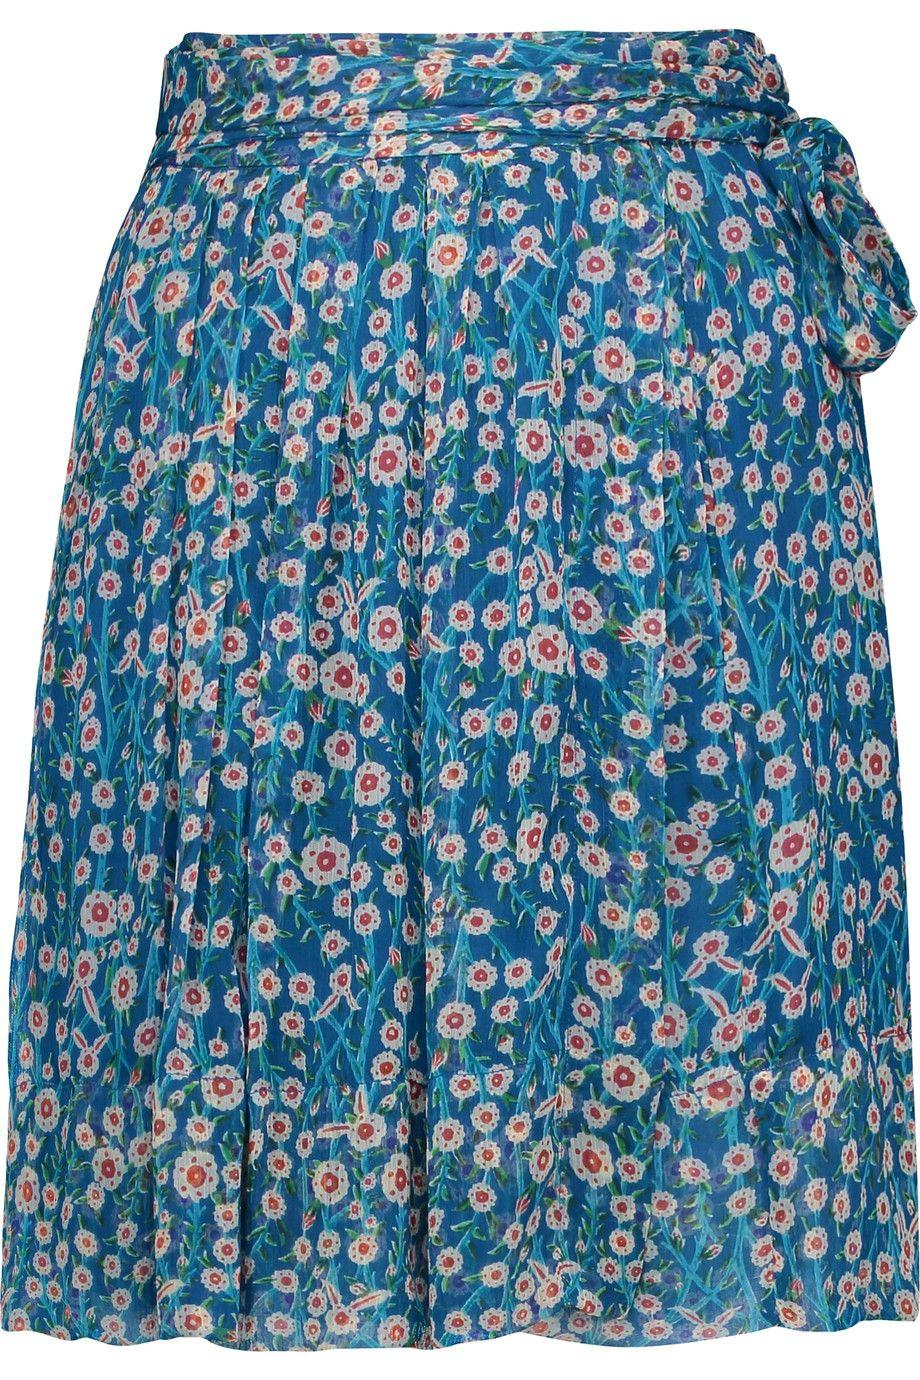 ETOILE ISABEL MARANT Sistle Pleated Printed Silk-Voile Mini Skirt. #etoileisabelmarant #cloth #skirt